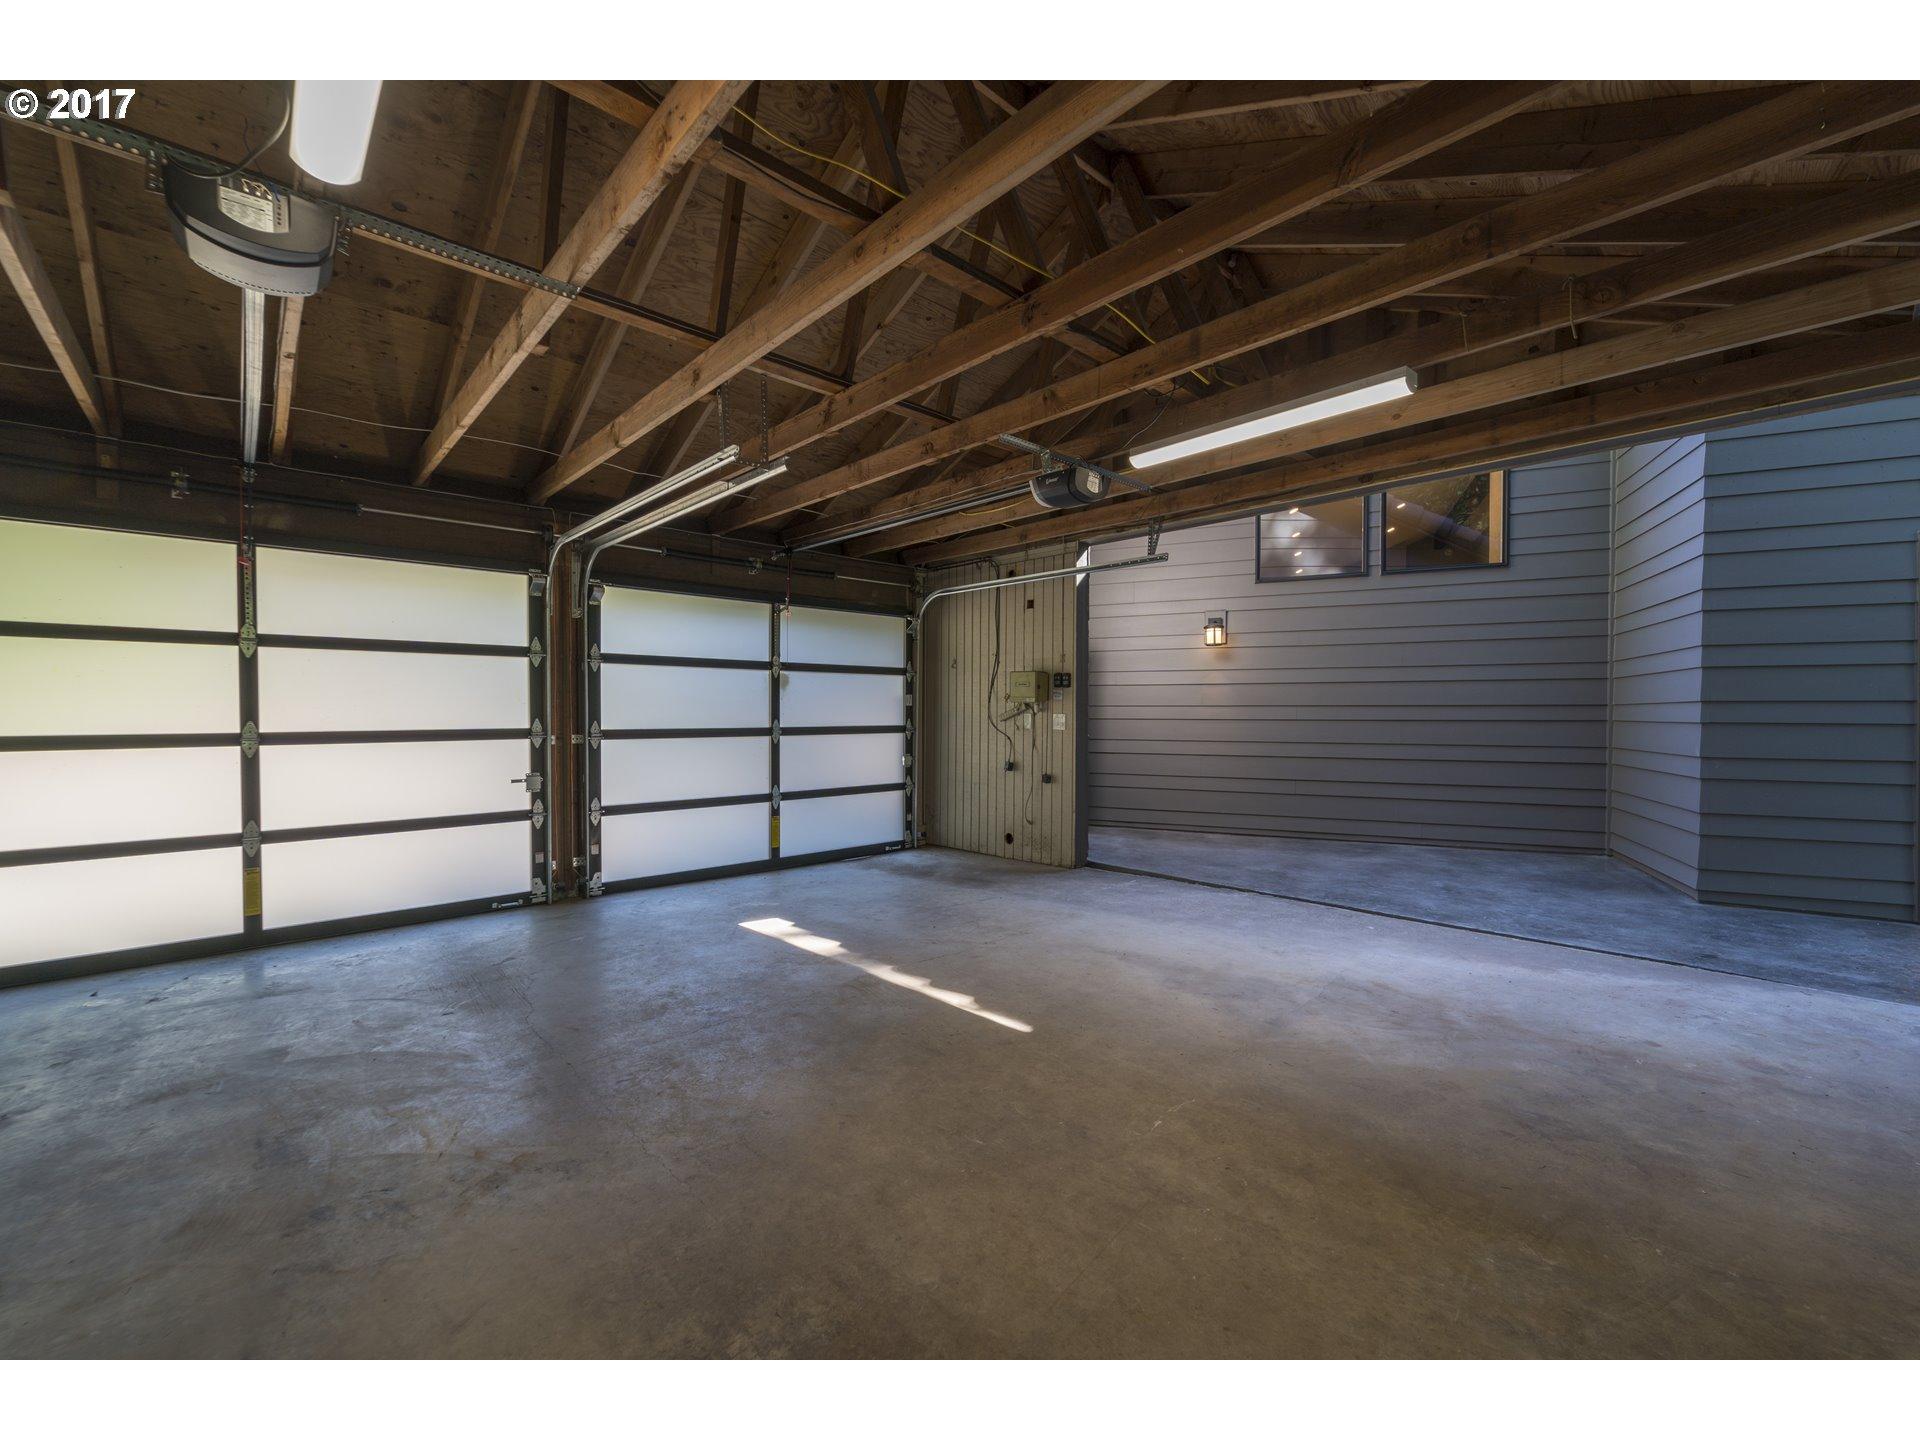 5005 SW HUMPHREY PARK RD Portland, OR 97221 - MLS #: 17497144